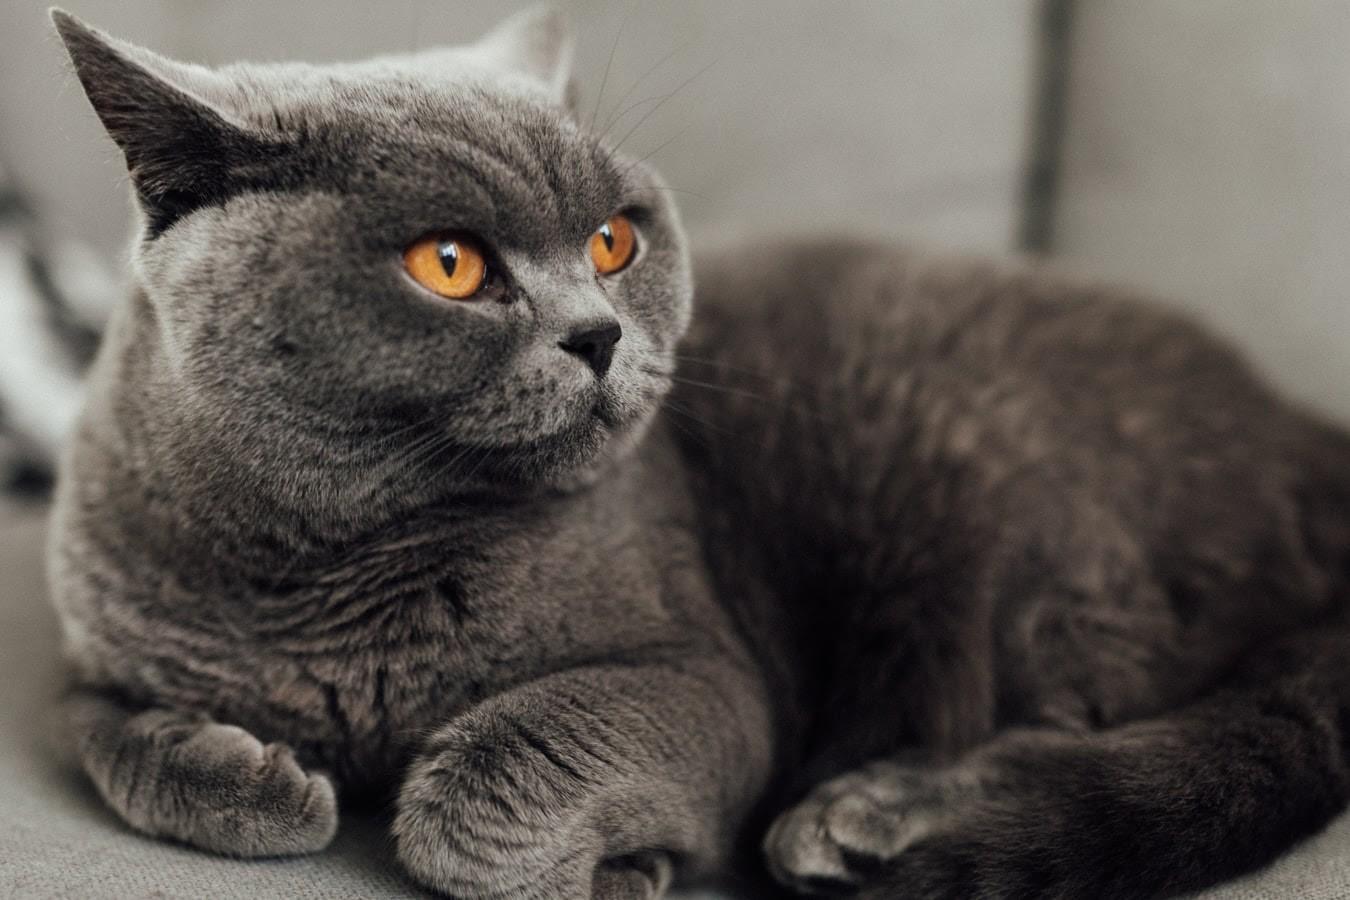 Mèo Anh lông ngắn có xuất xứ từ nước Anh, giá mua vào khá cao